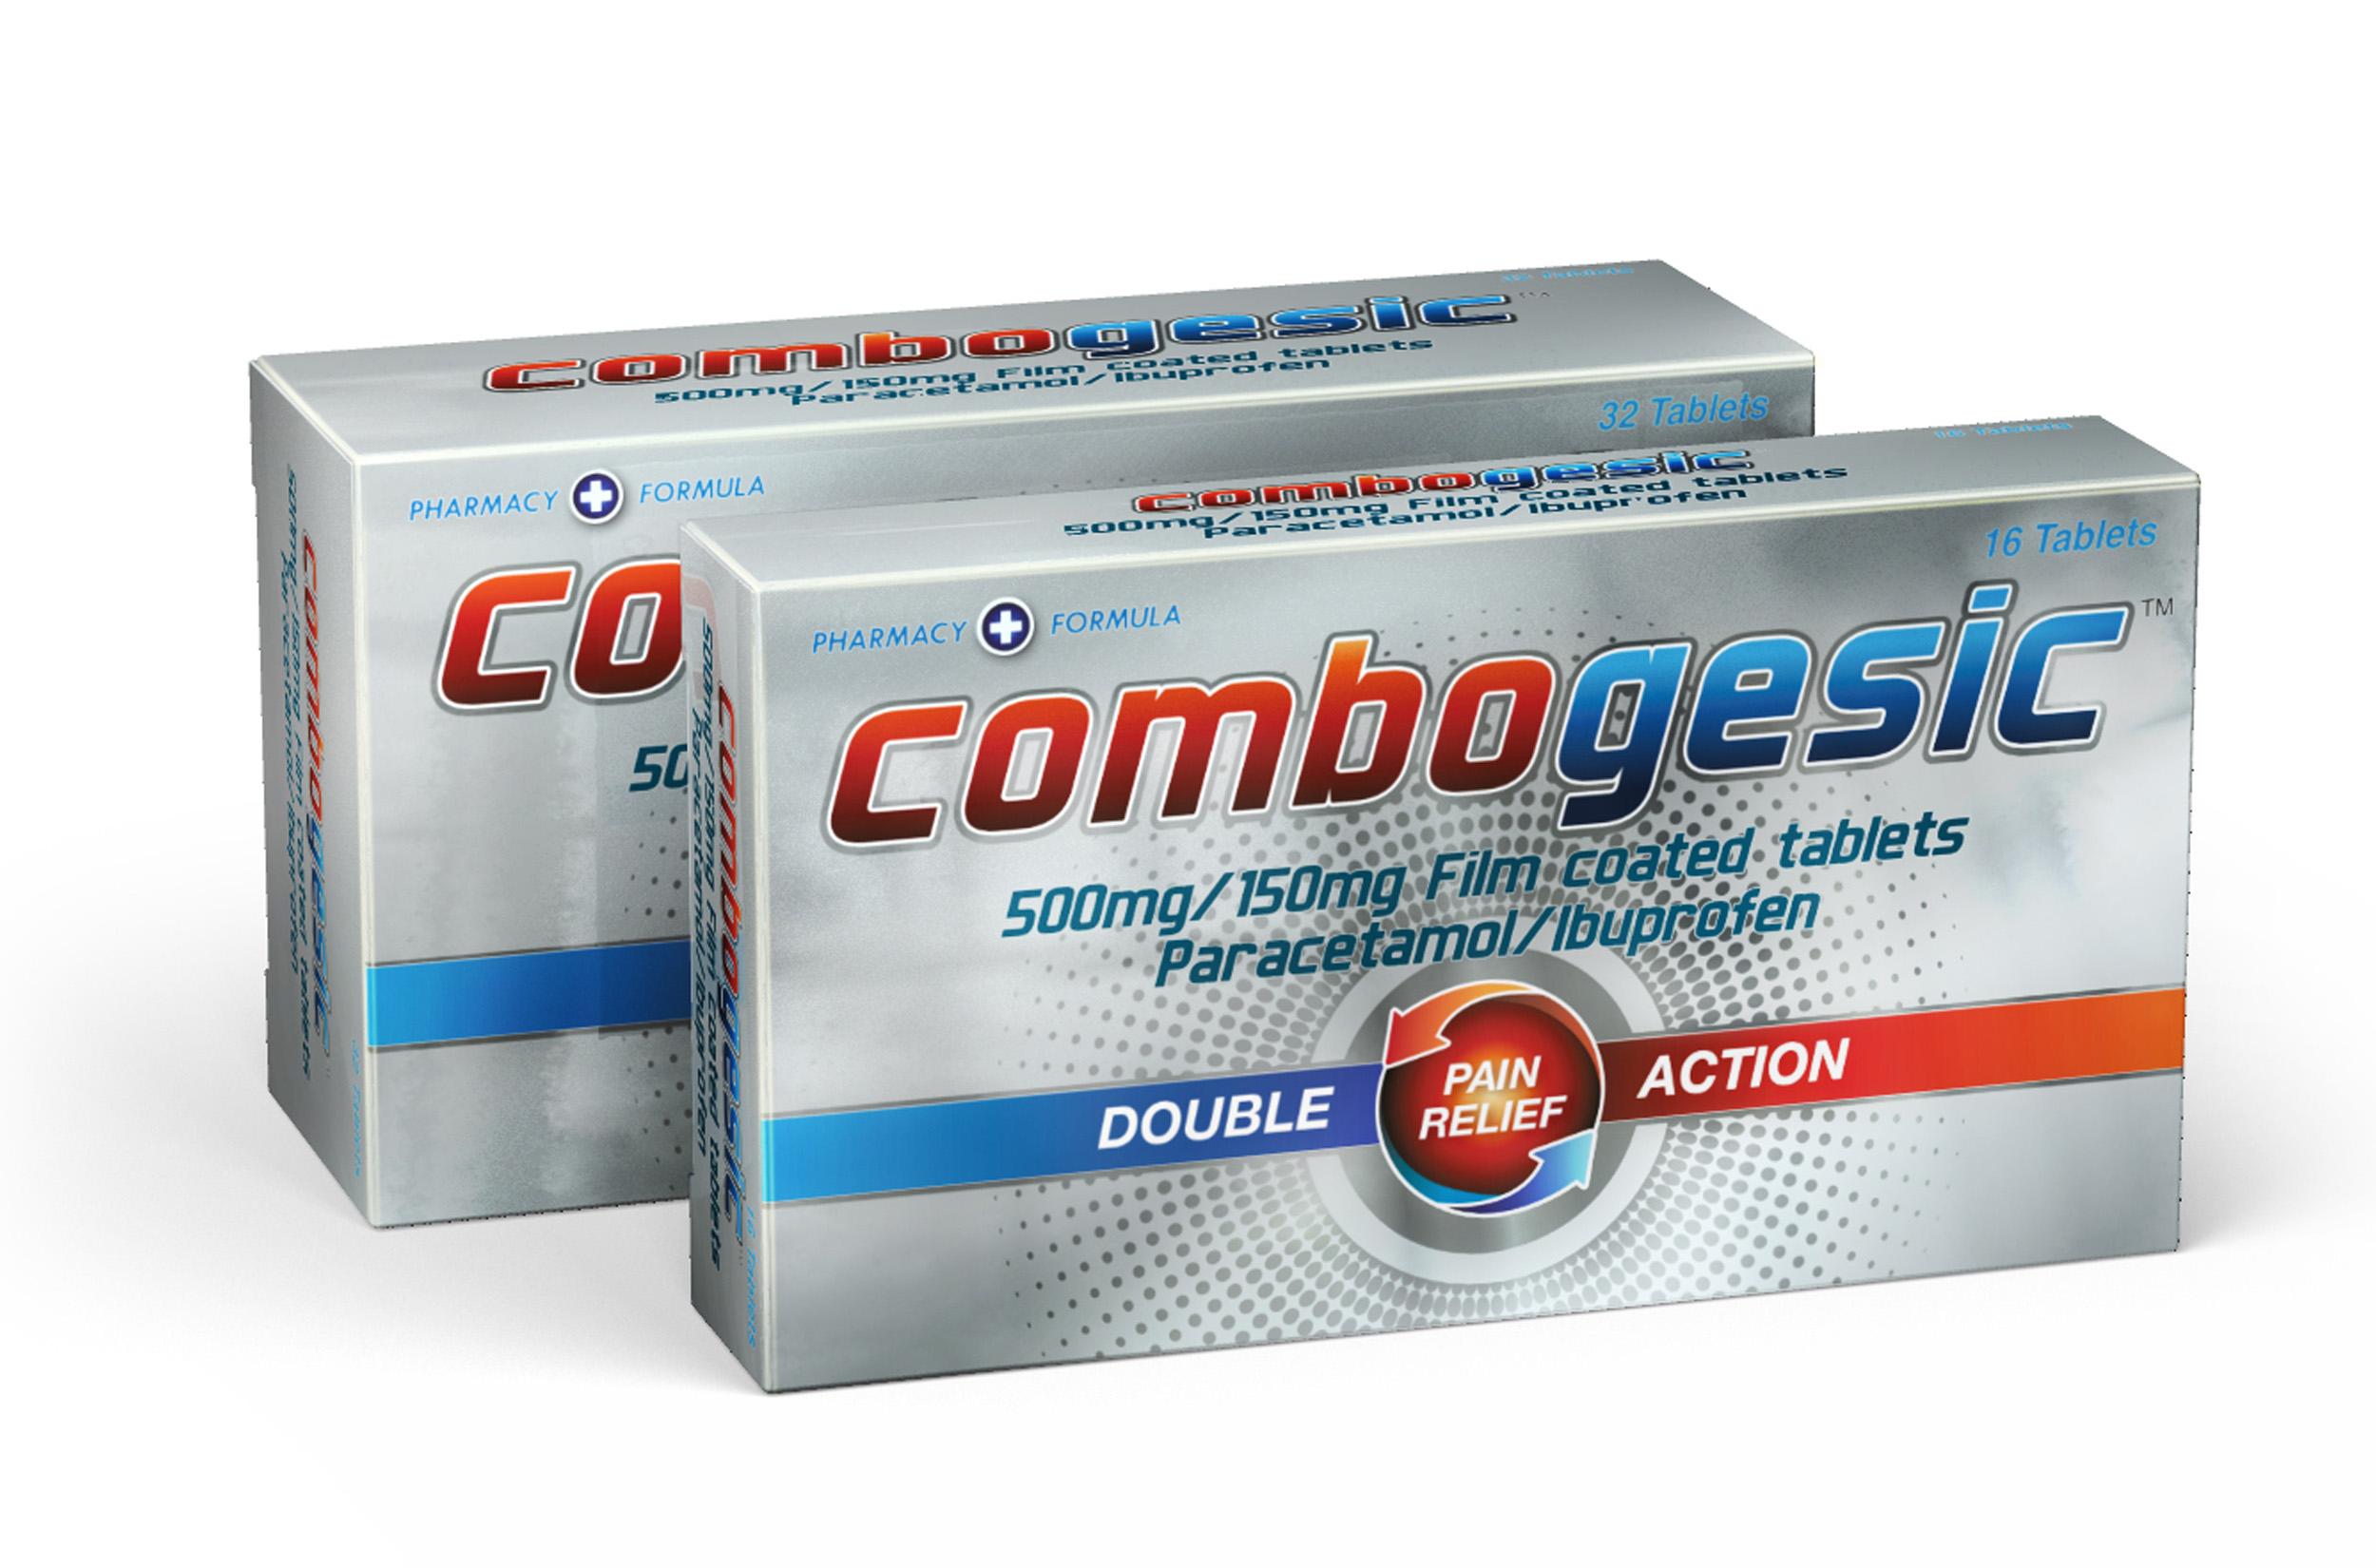 Combo Pack 1.jpg